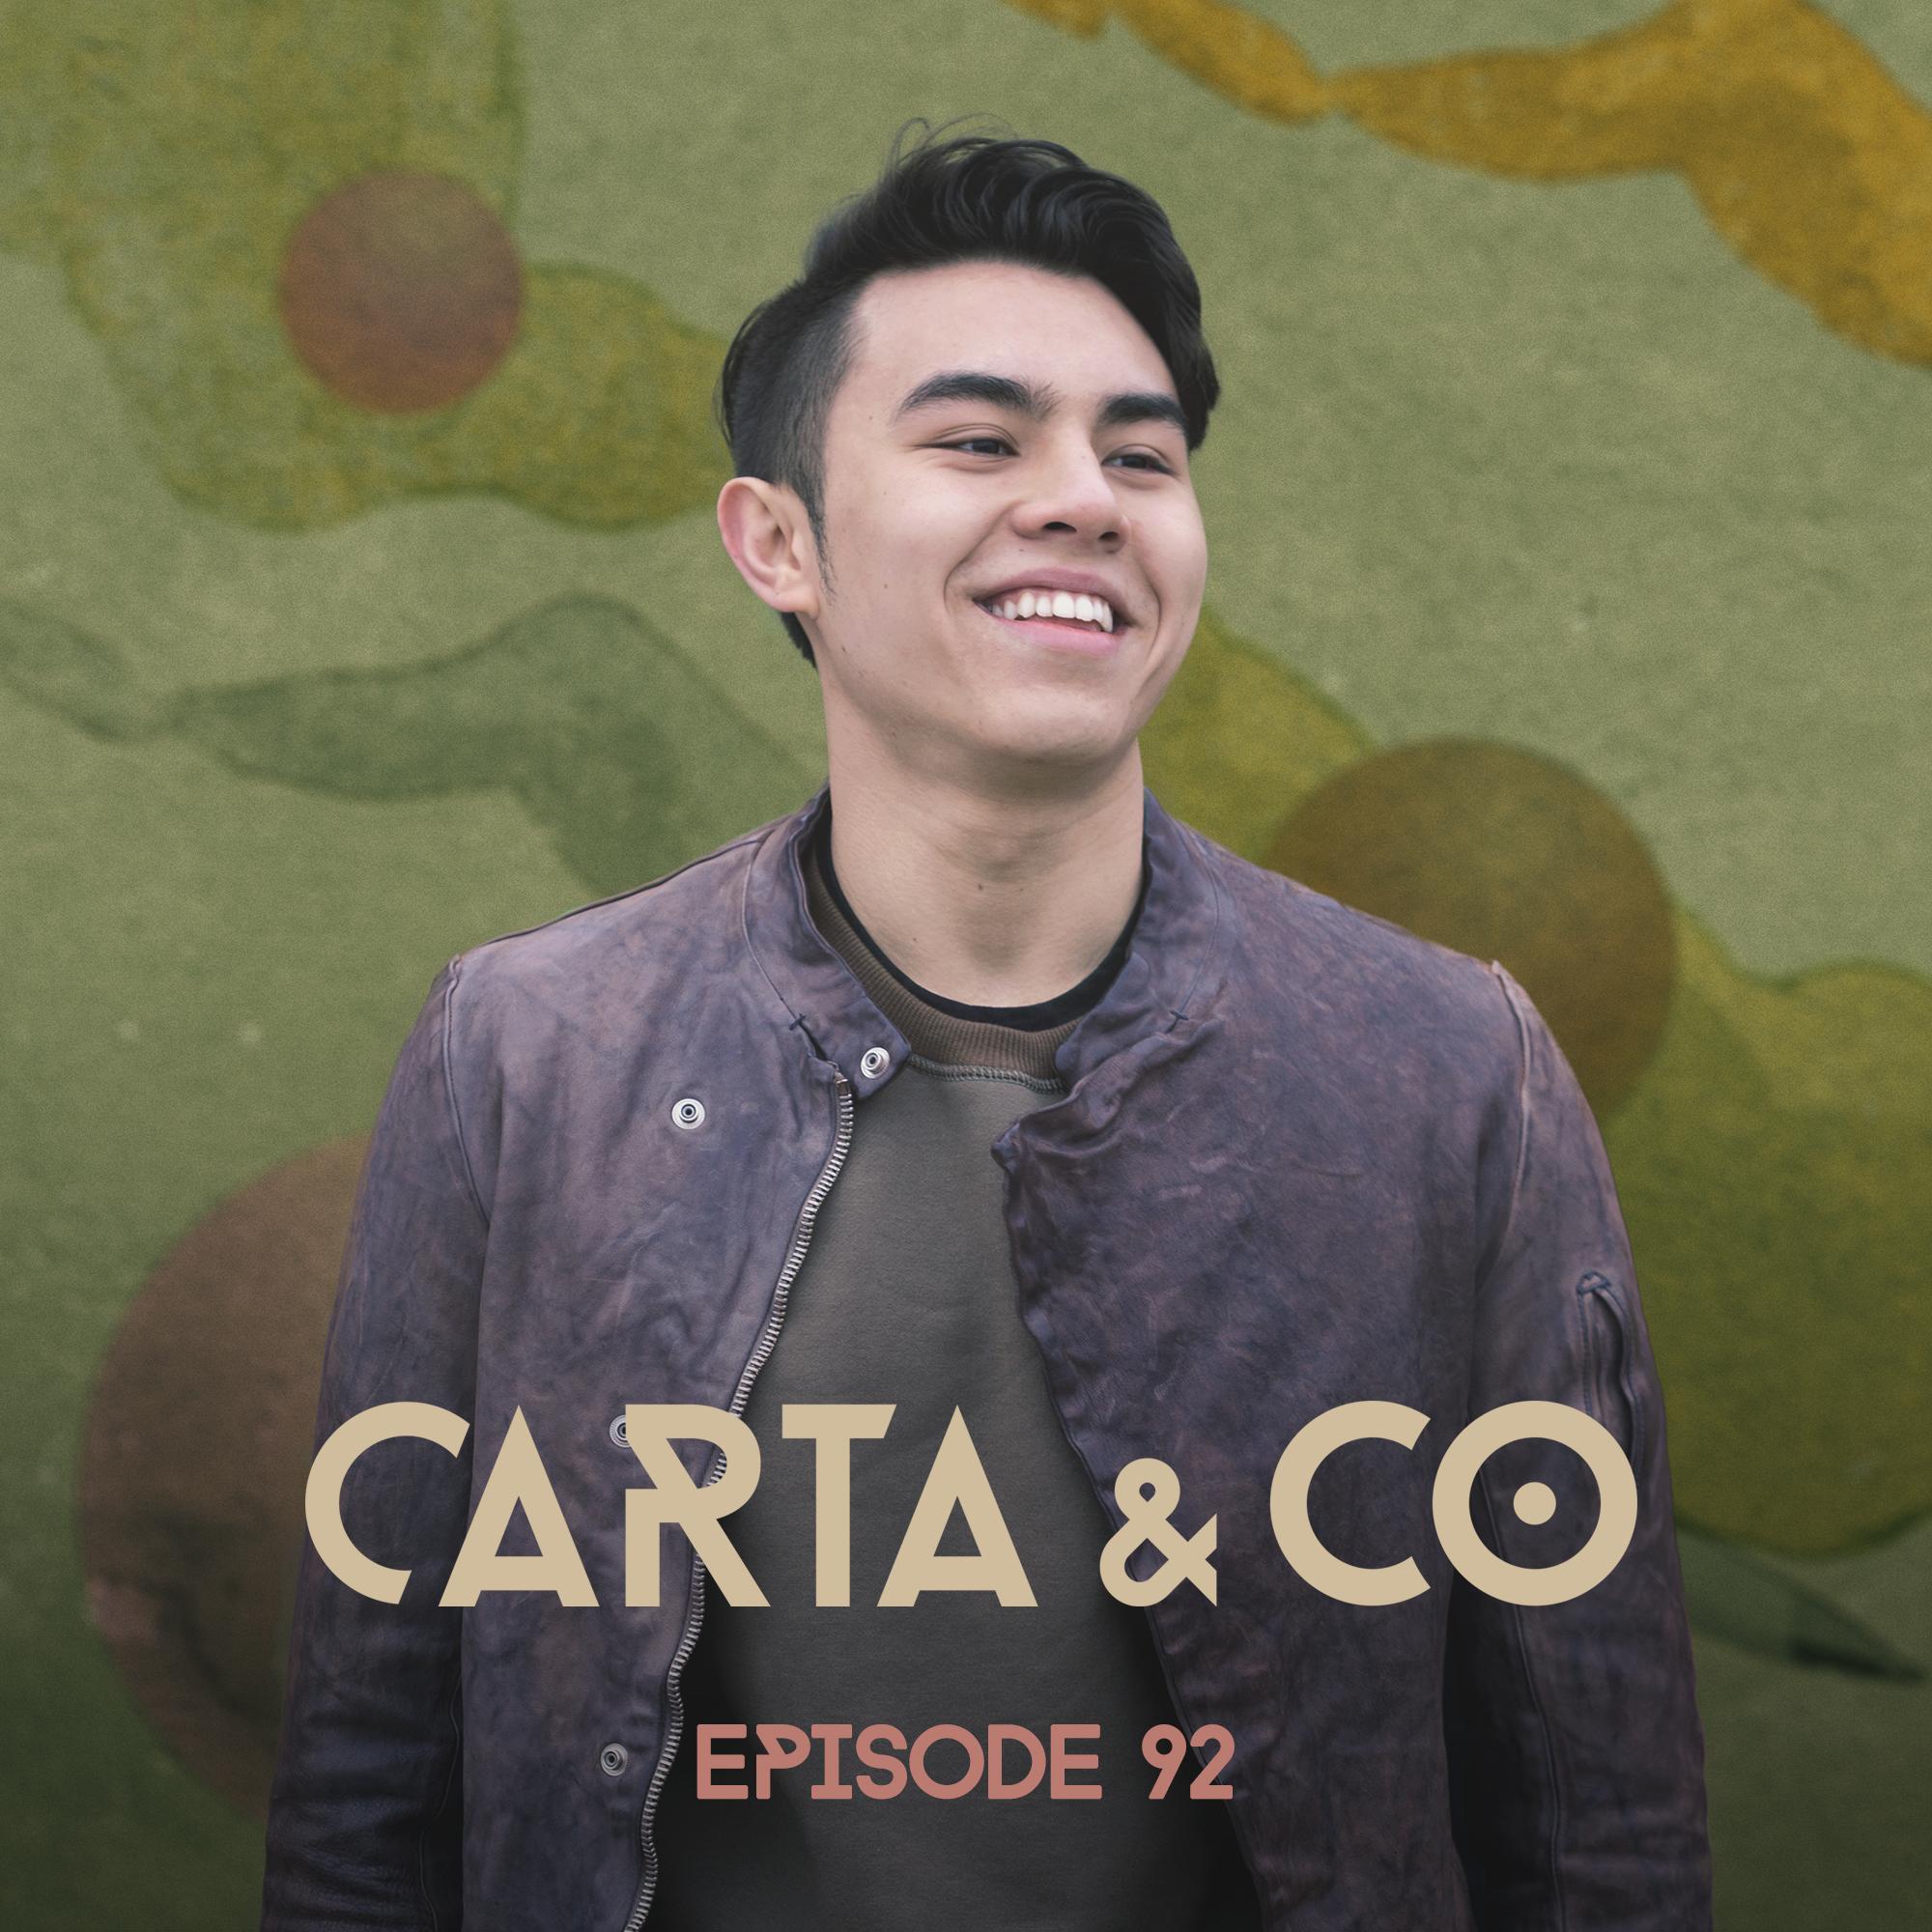 CARTA & CO - EPISODE 92